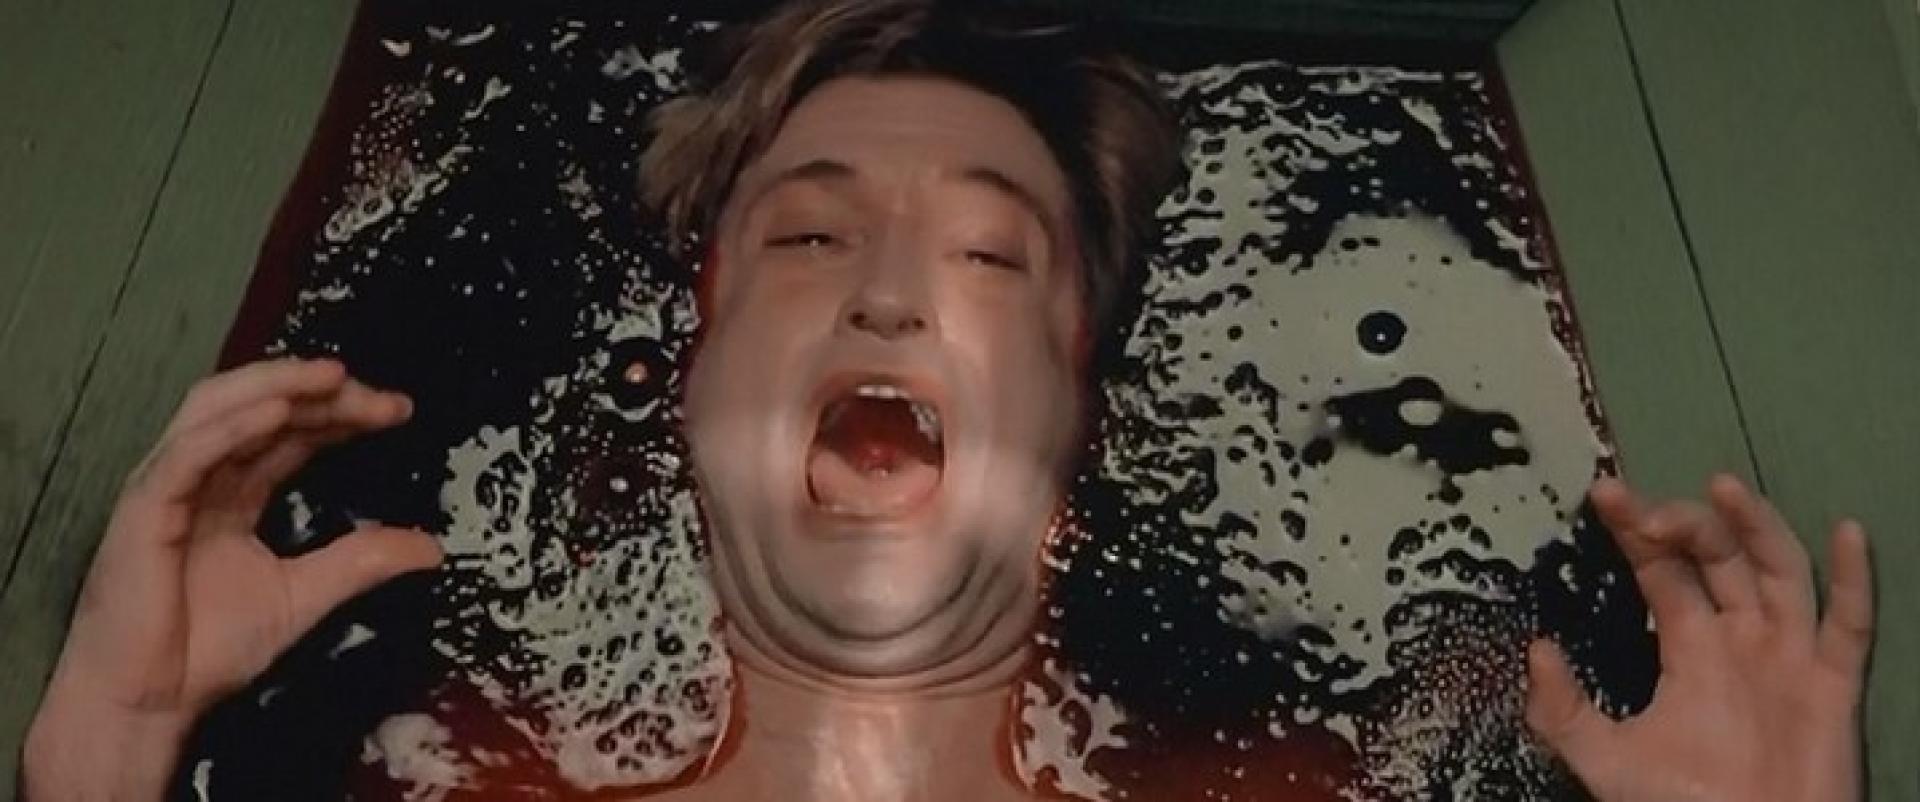 The Serpent and the Rainbow - A kígyó és a szivárvány (1988)